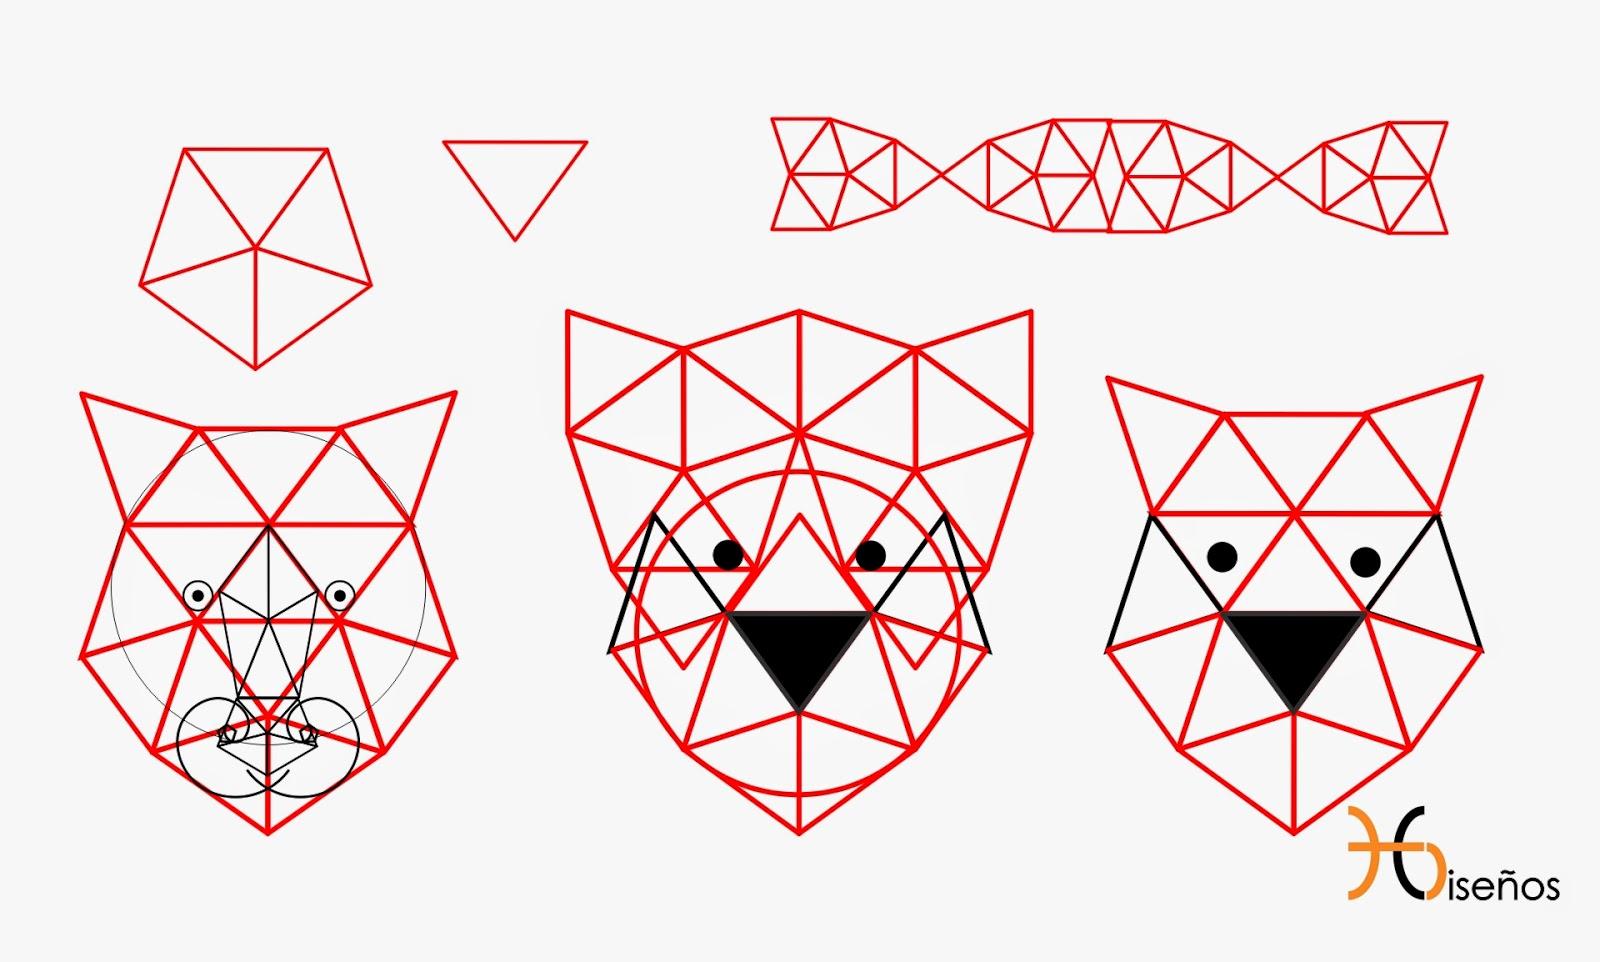 Pentagonometría, Divina propoción